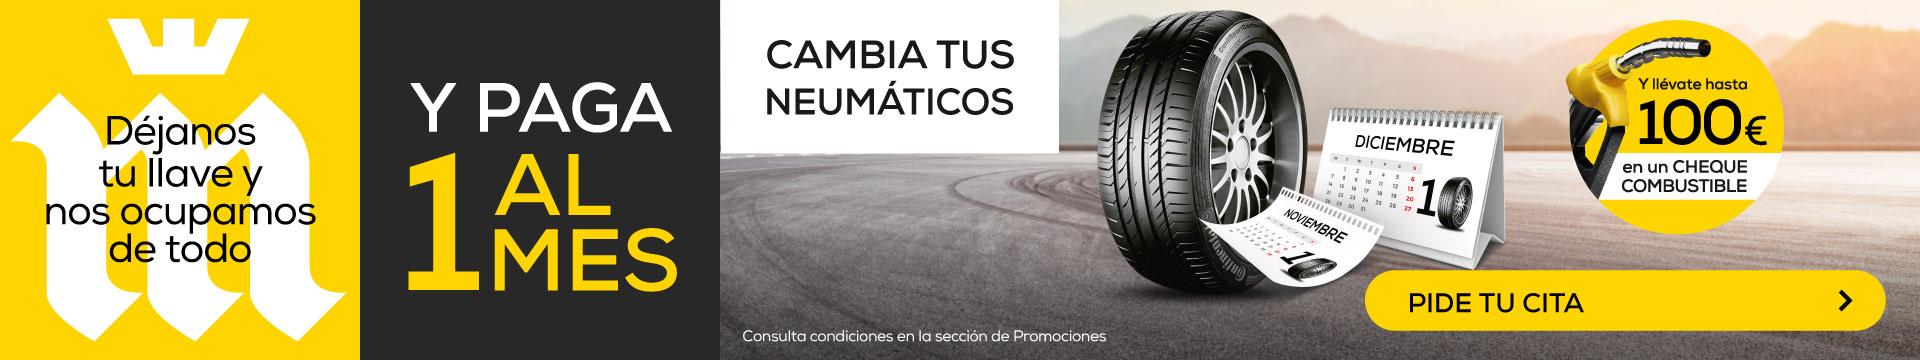 ¡Compra tus neumáticos y paga 1 al mes!